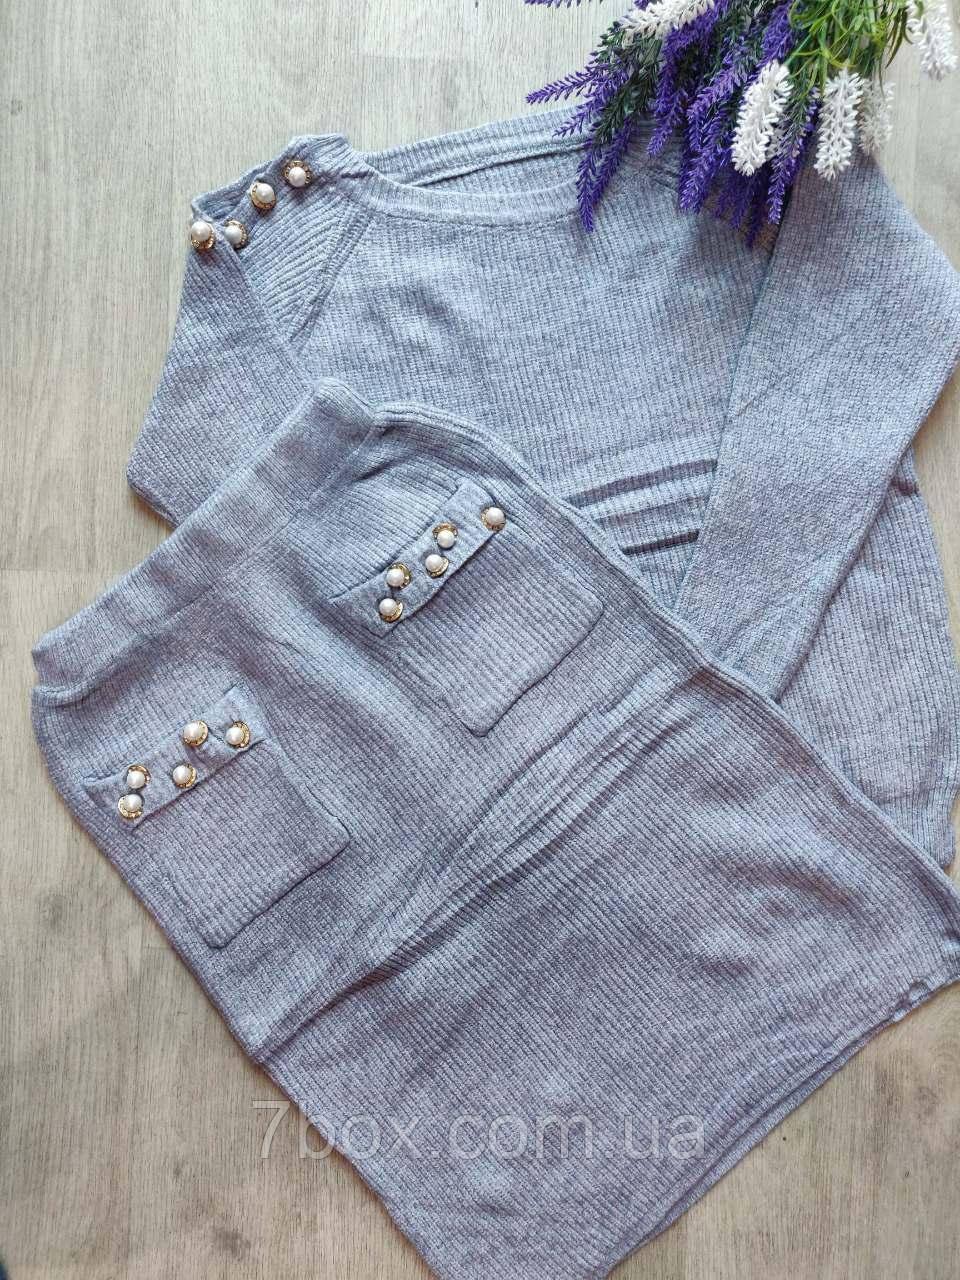 Женский вязанный костюм свитер юбка. Серый